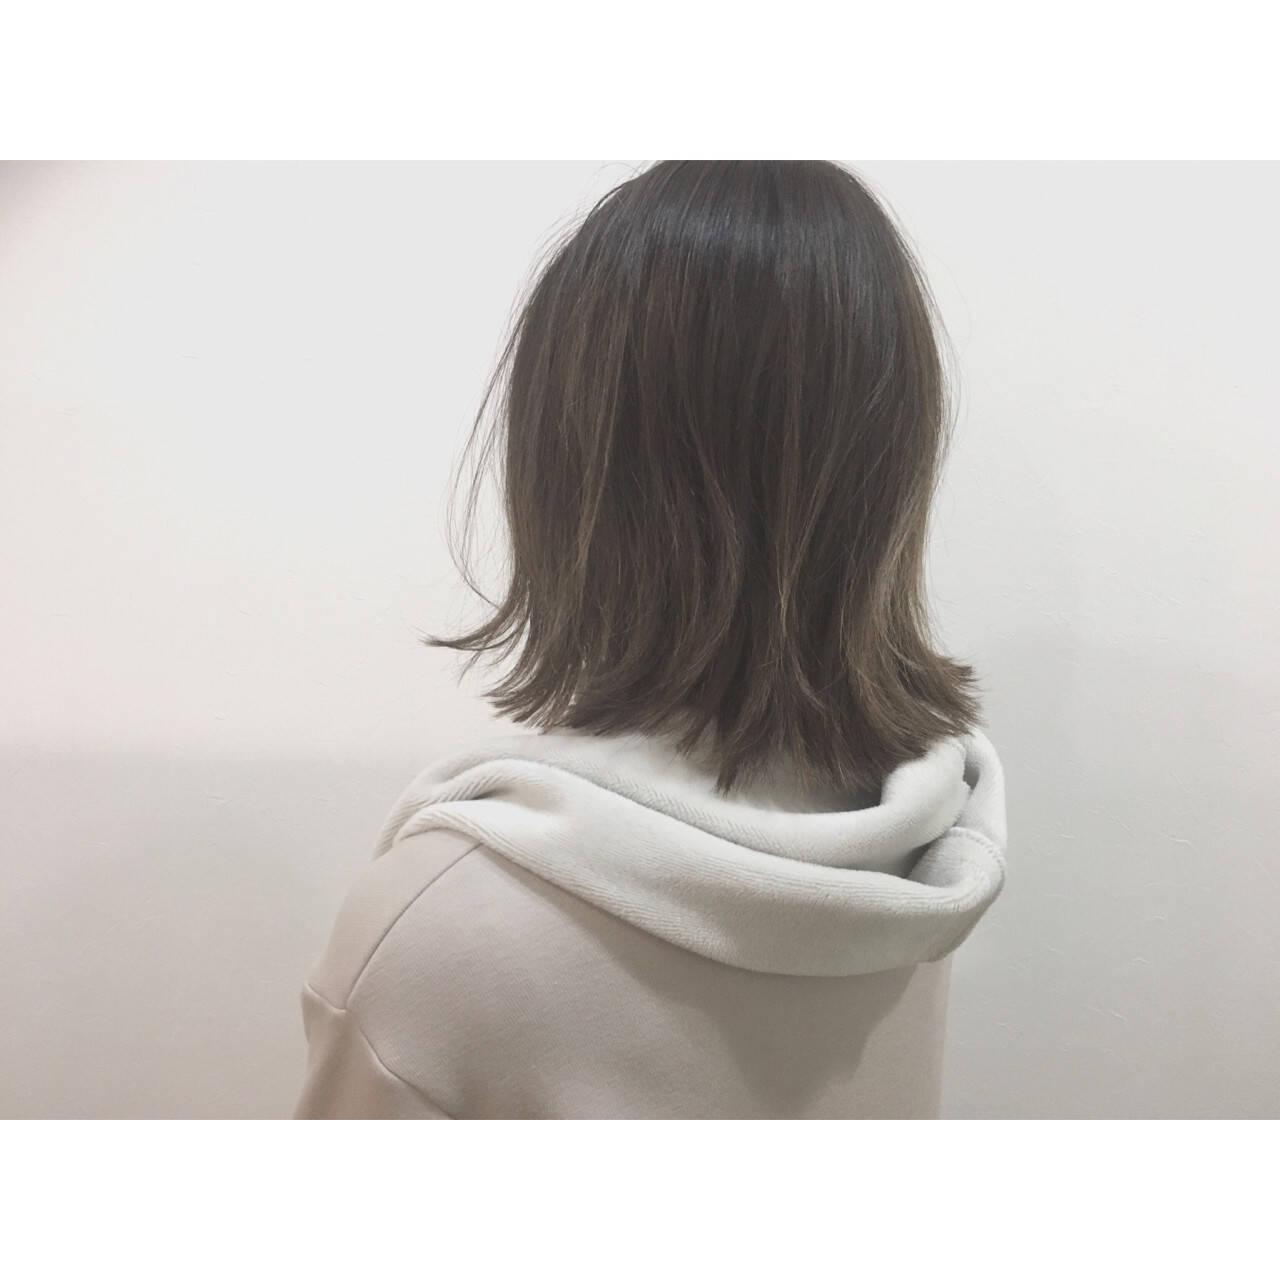 ナチュラル グレージュ 色気 ミディアムヘアスタイルや髪型の写真・画像